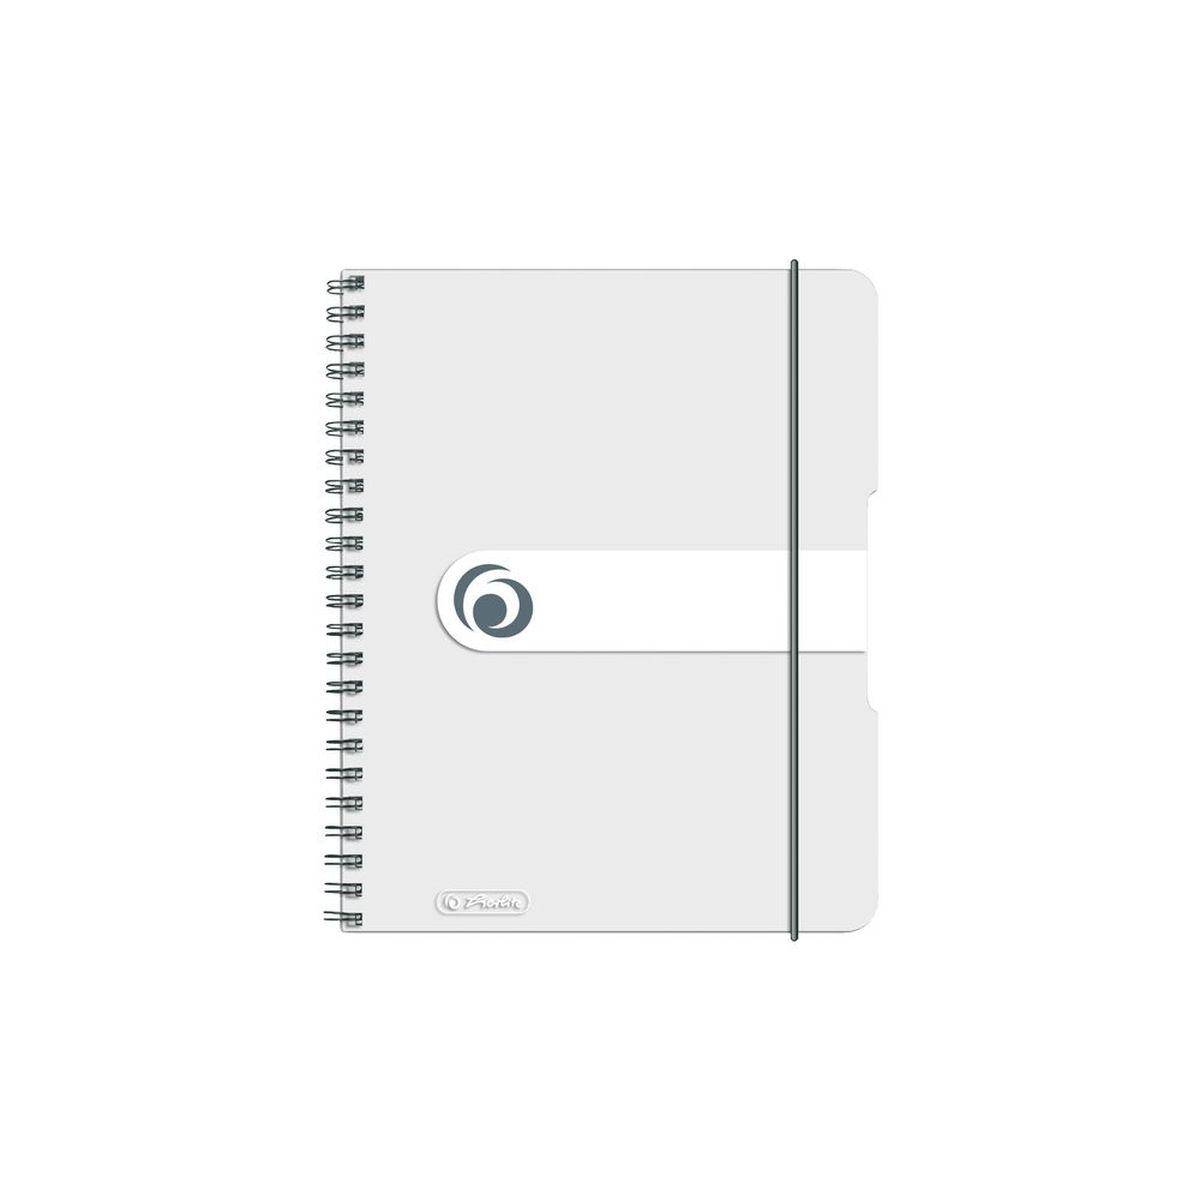 Herlitz Блокнот Easy Orga To Go 100 листов в клетку формат А6 цвет прозрачный72523WDУдобный блокнот Herlitz Easy Orga To Go - незаменимый атрибут современного человека, предназначенный для важных записей.Блокнот содержит 100 листов формата А6 в клетку без полей. Обложка выполнена из качественного полипропилена. Спираль изготовлена из металла, что гарантирует полное отсутствие потери листов. Блокнот имеет закругленные углы.Блокнот для записей Herlitz Easy Orga To Go станет достойным аксессуаром среди ваших канцелярских принадлежностей. Это отличный подарок как коллеге или деловому партнеру, так и близким людям.